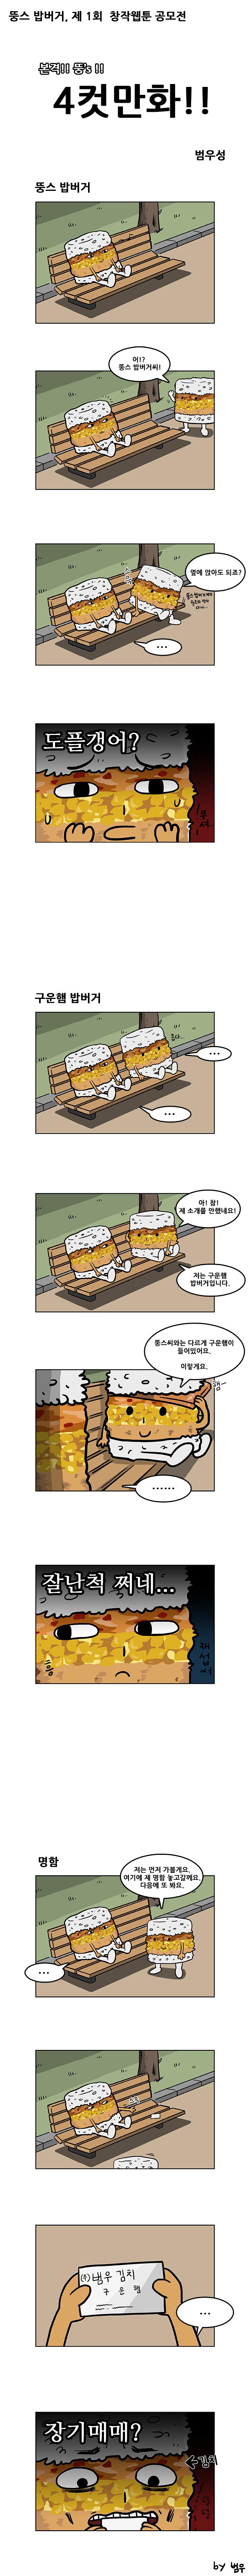 뚱스밥버거 공모전_범우성.jpg